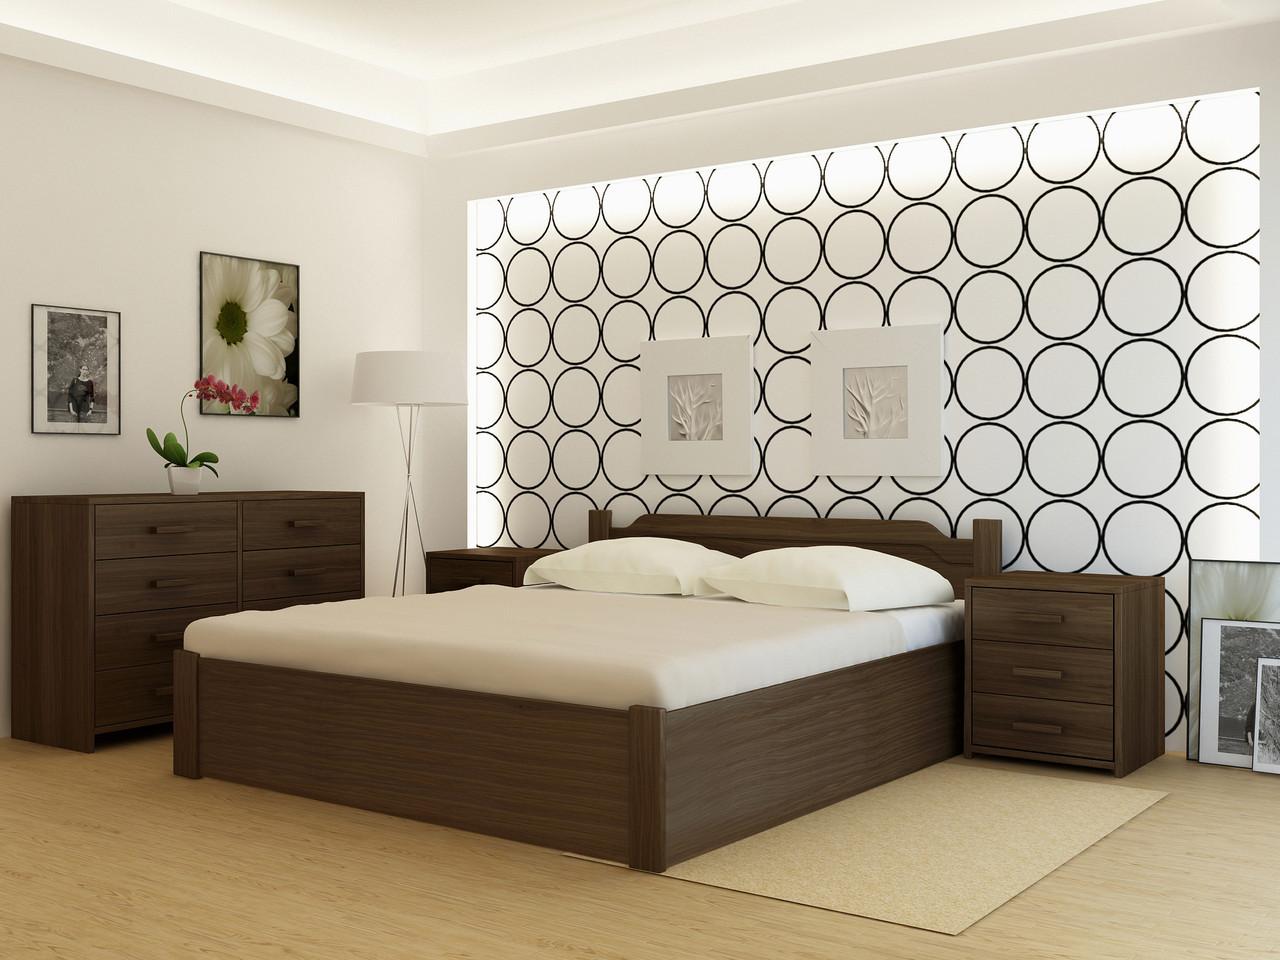 Деревянная кровать Флоренция плюс (с подъемным механизмом)